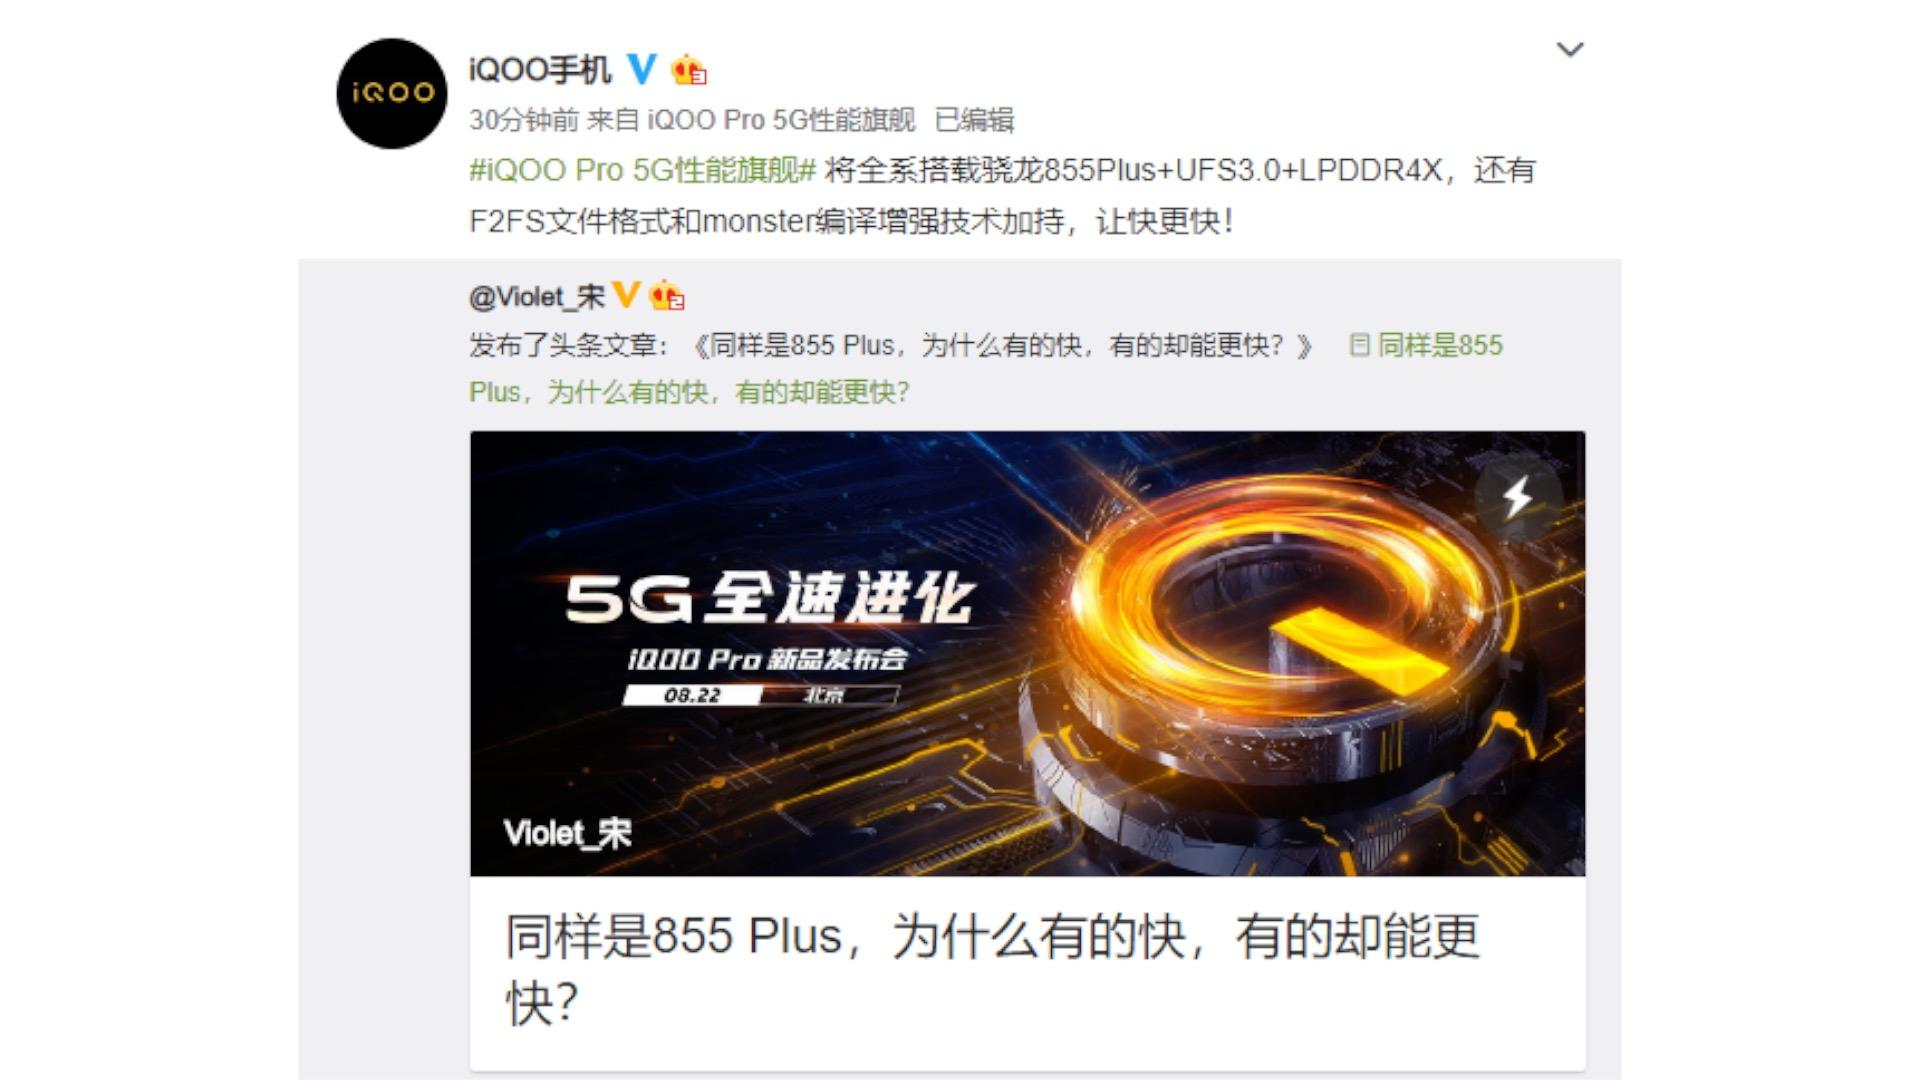 iQOO Pro 5G: Snapdragon 855 + and UFS 3 0 | Leak - GizChina it